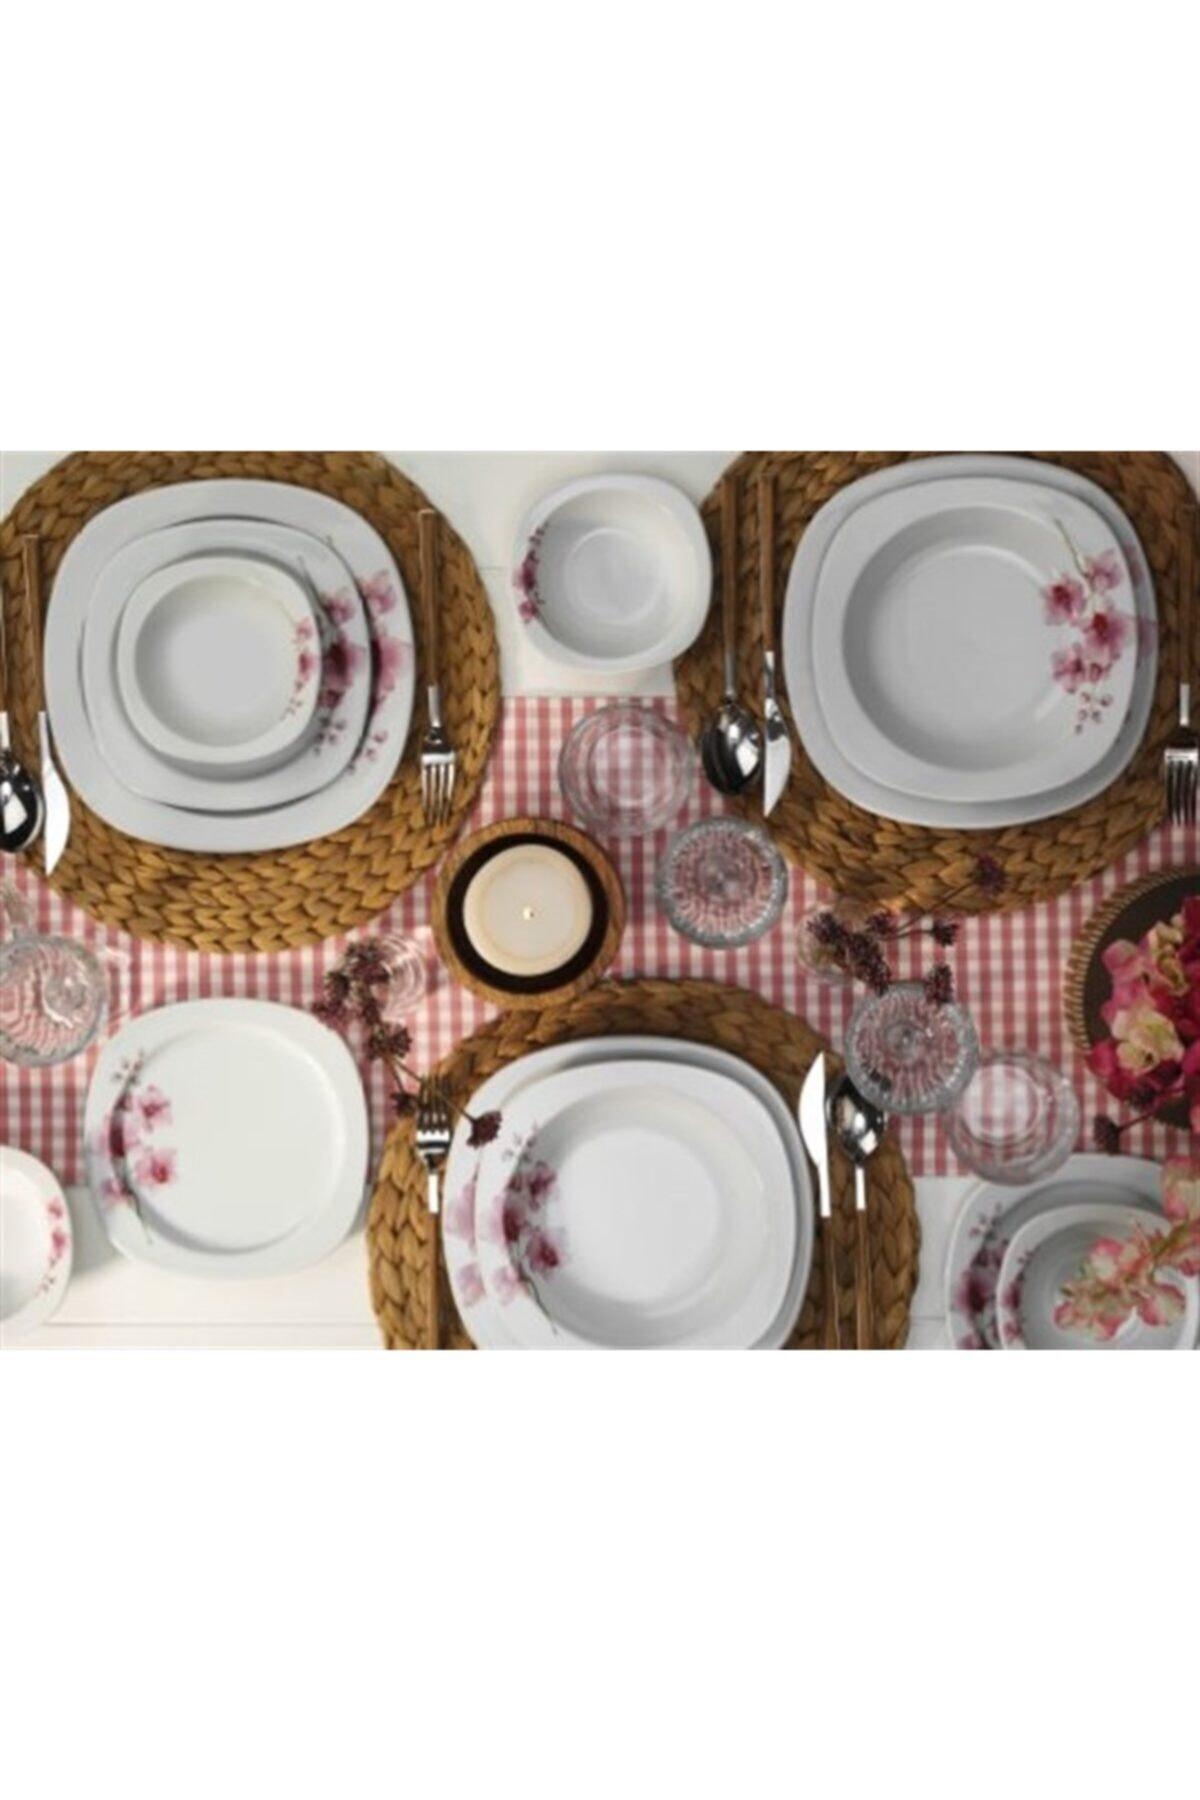 Kütahya Porselen Dekorlu Kare 48 Parça Yemek Takımı 1